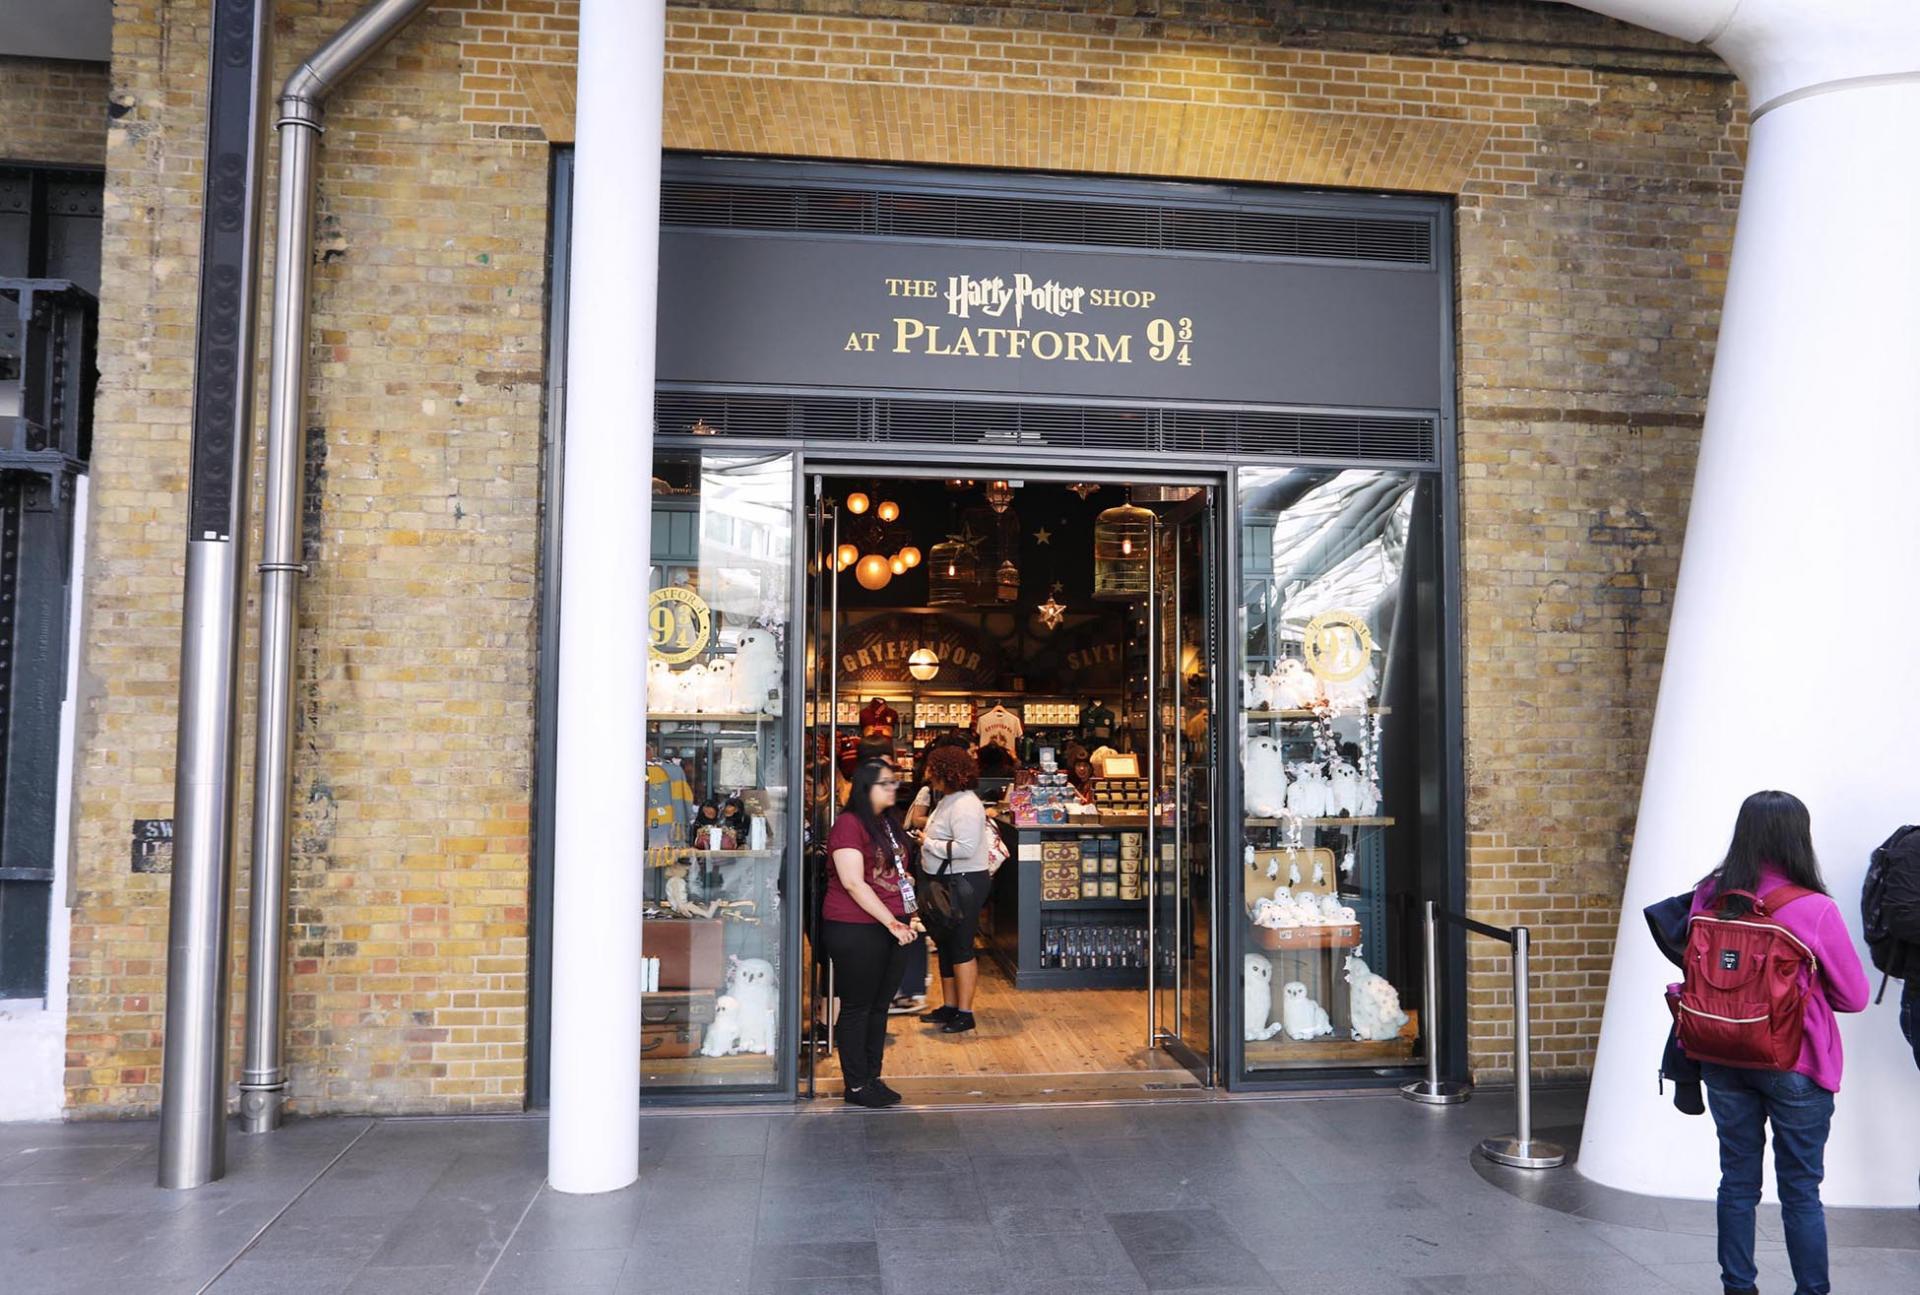 Tienda de Harry Potter en Londres